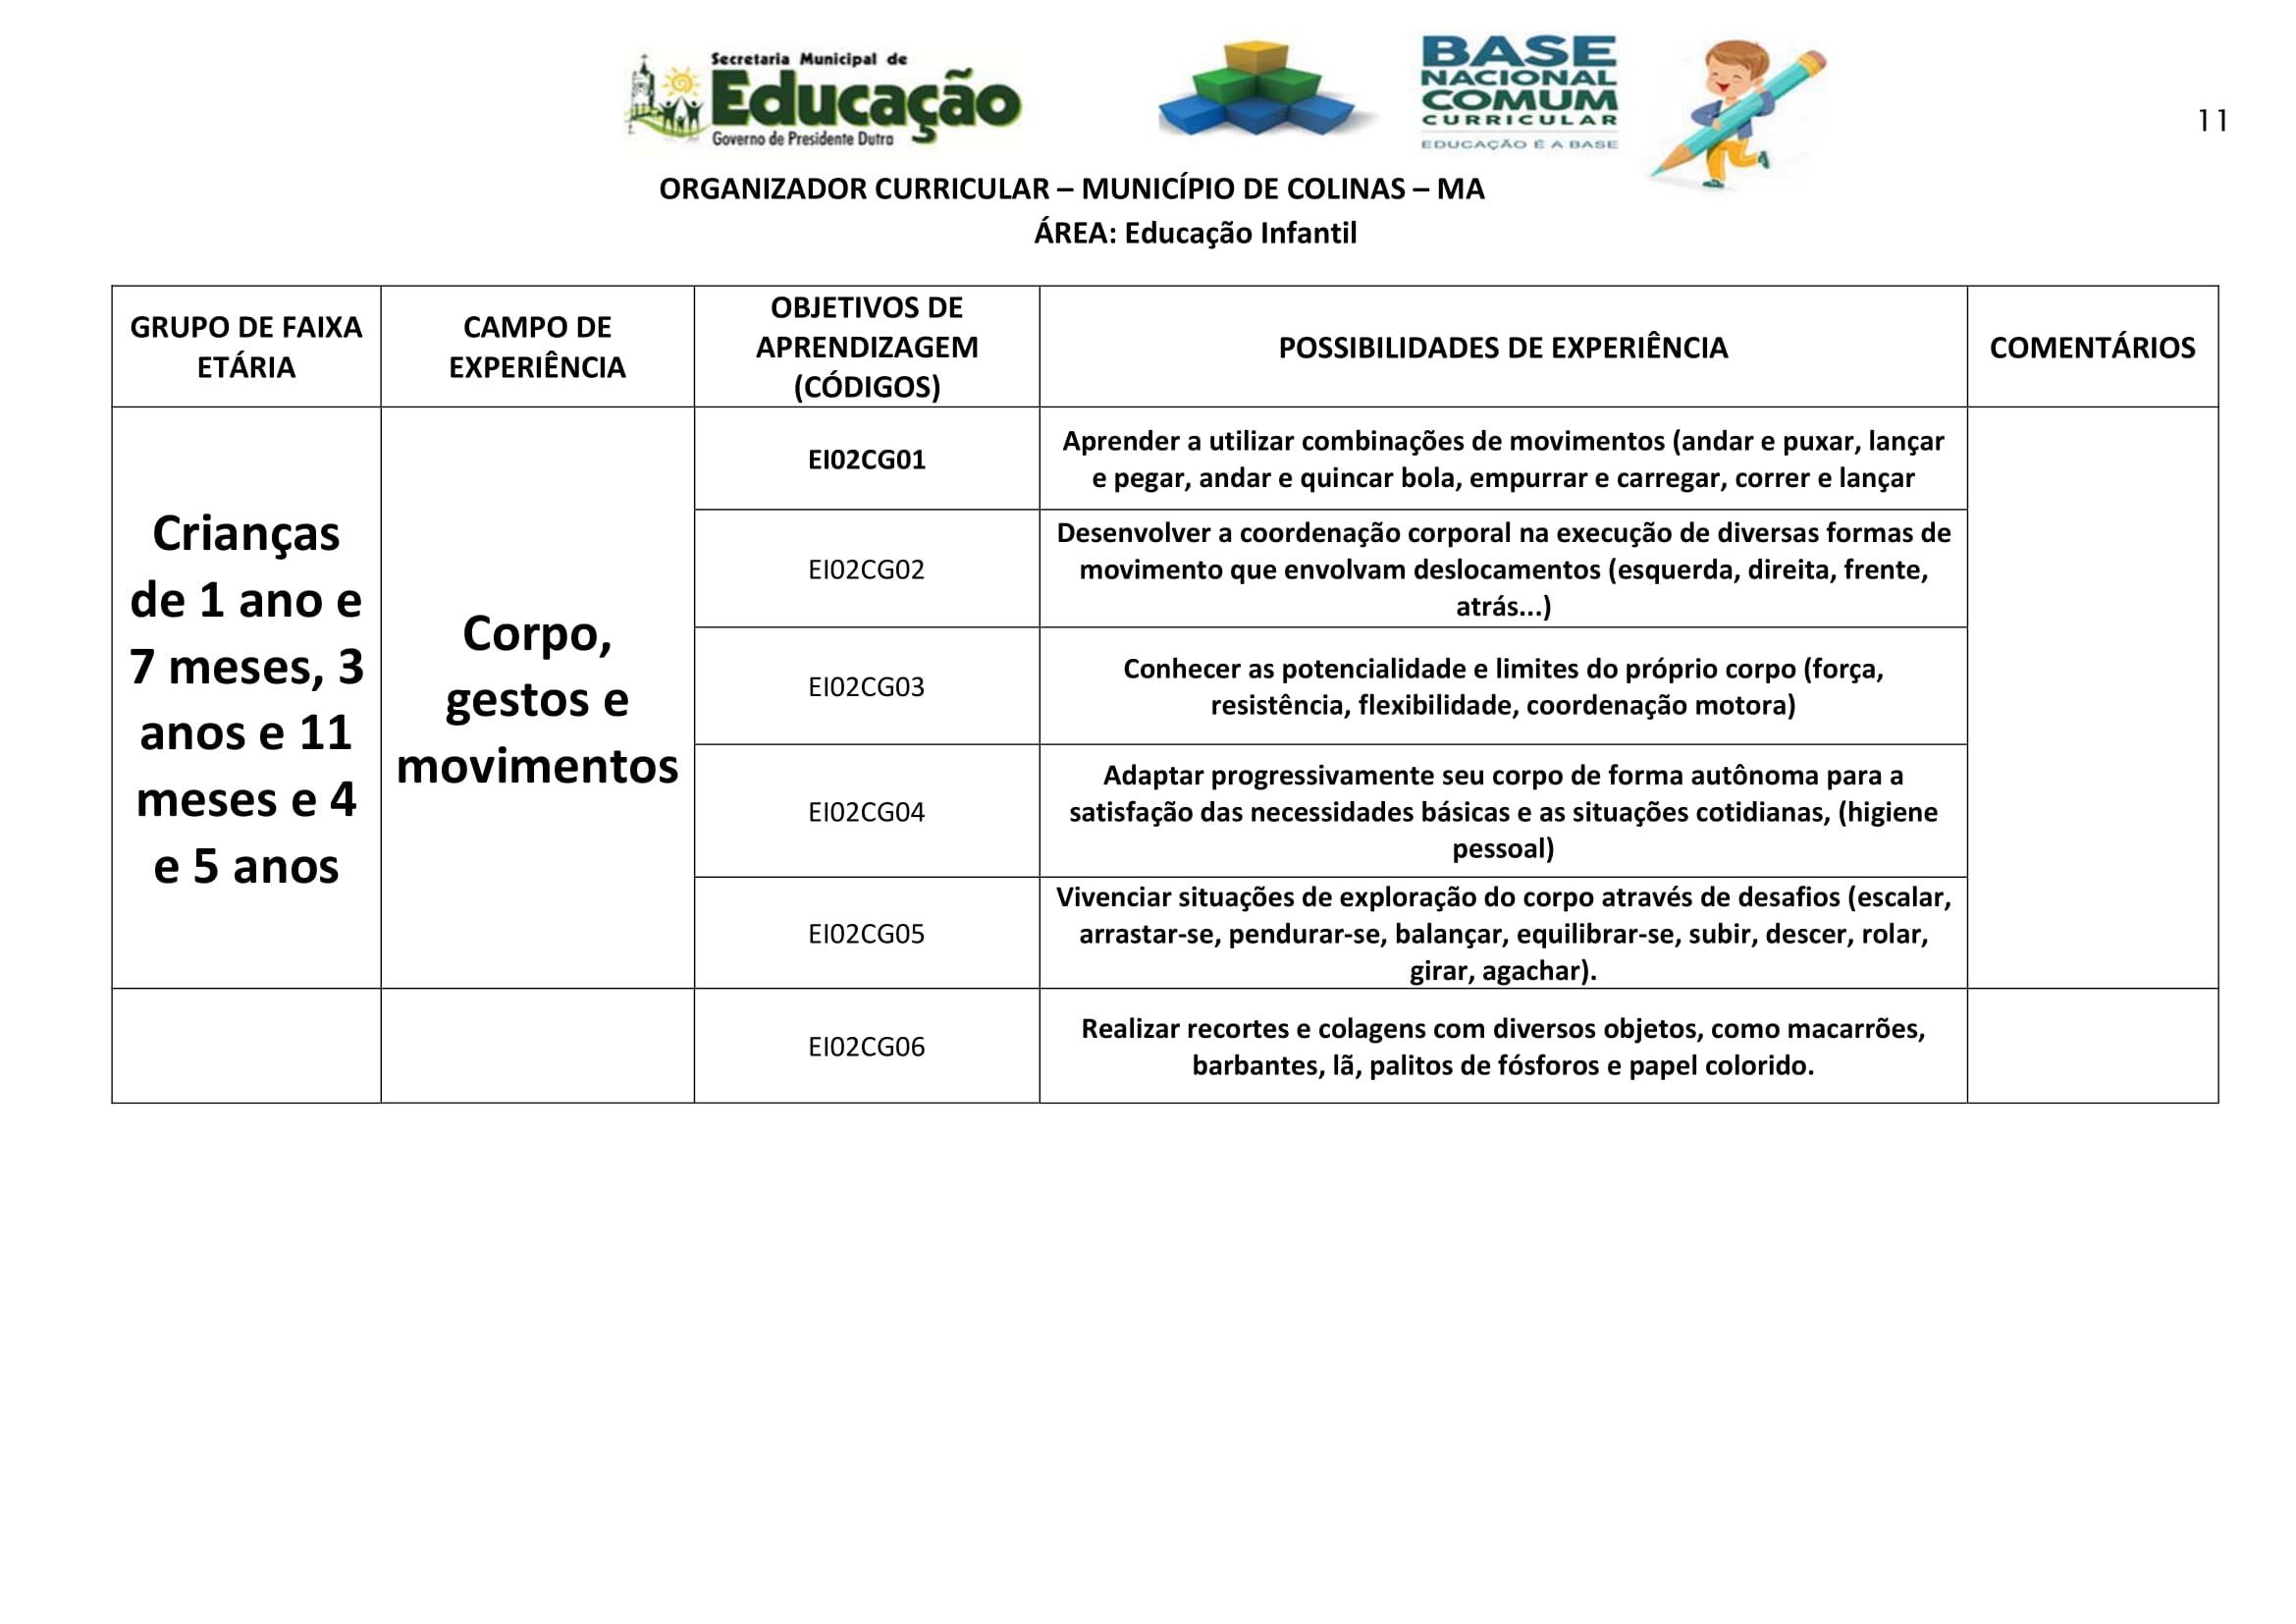 planejamento-educação-infantil-bncc-geral-41